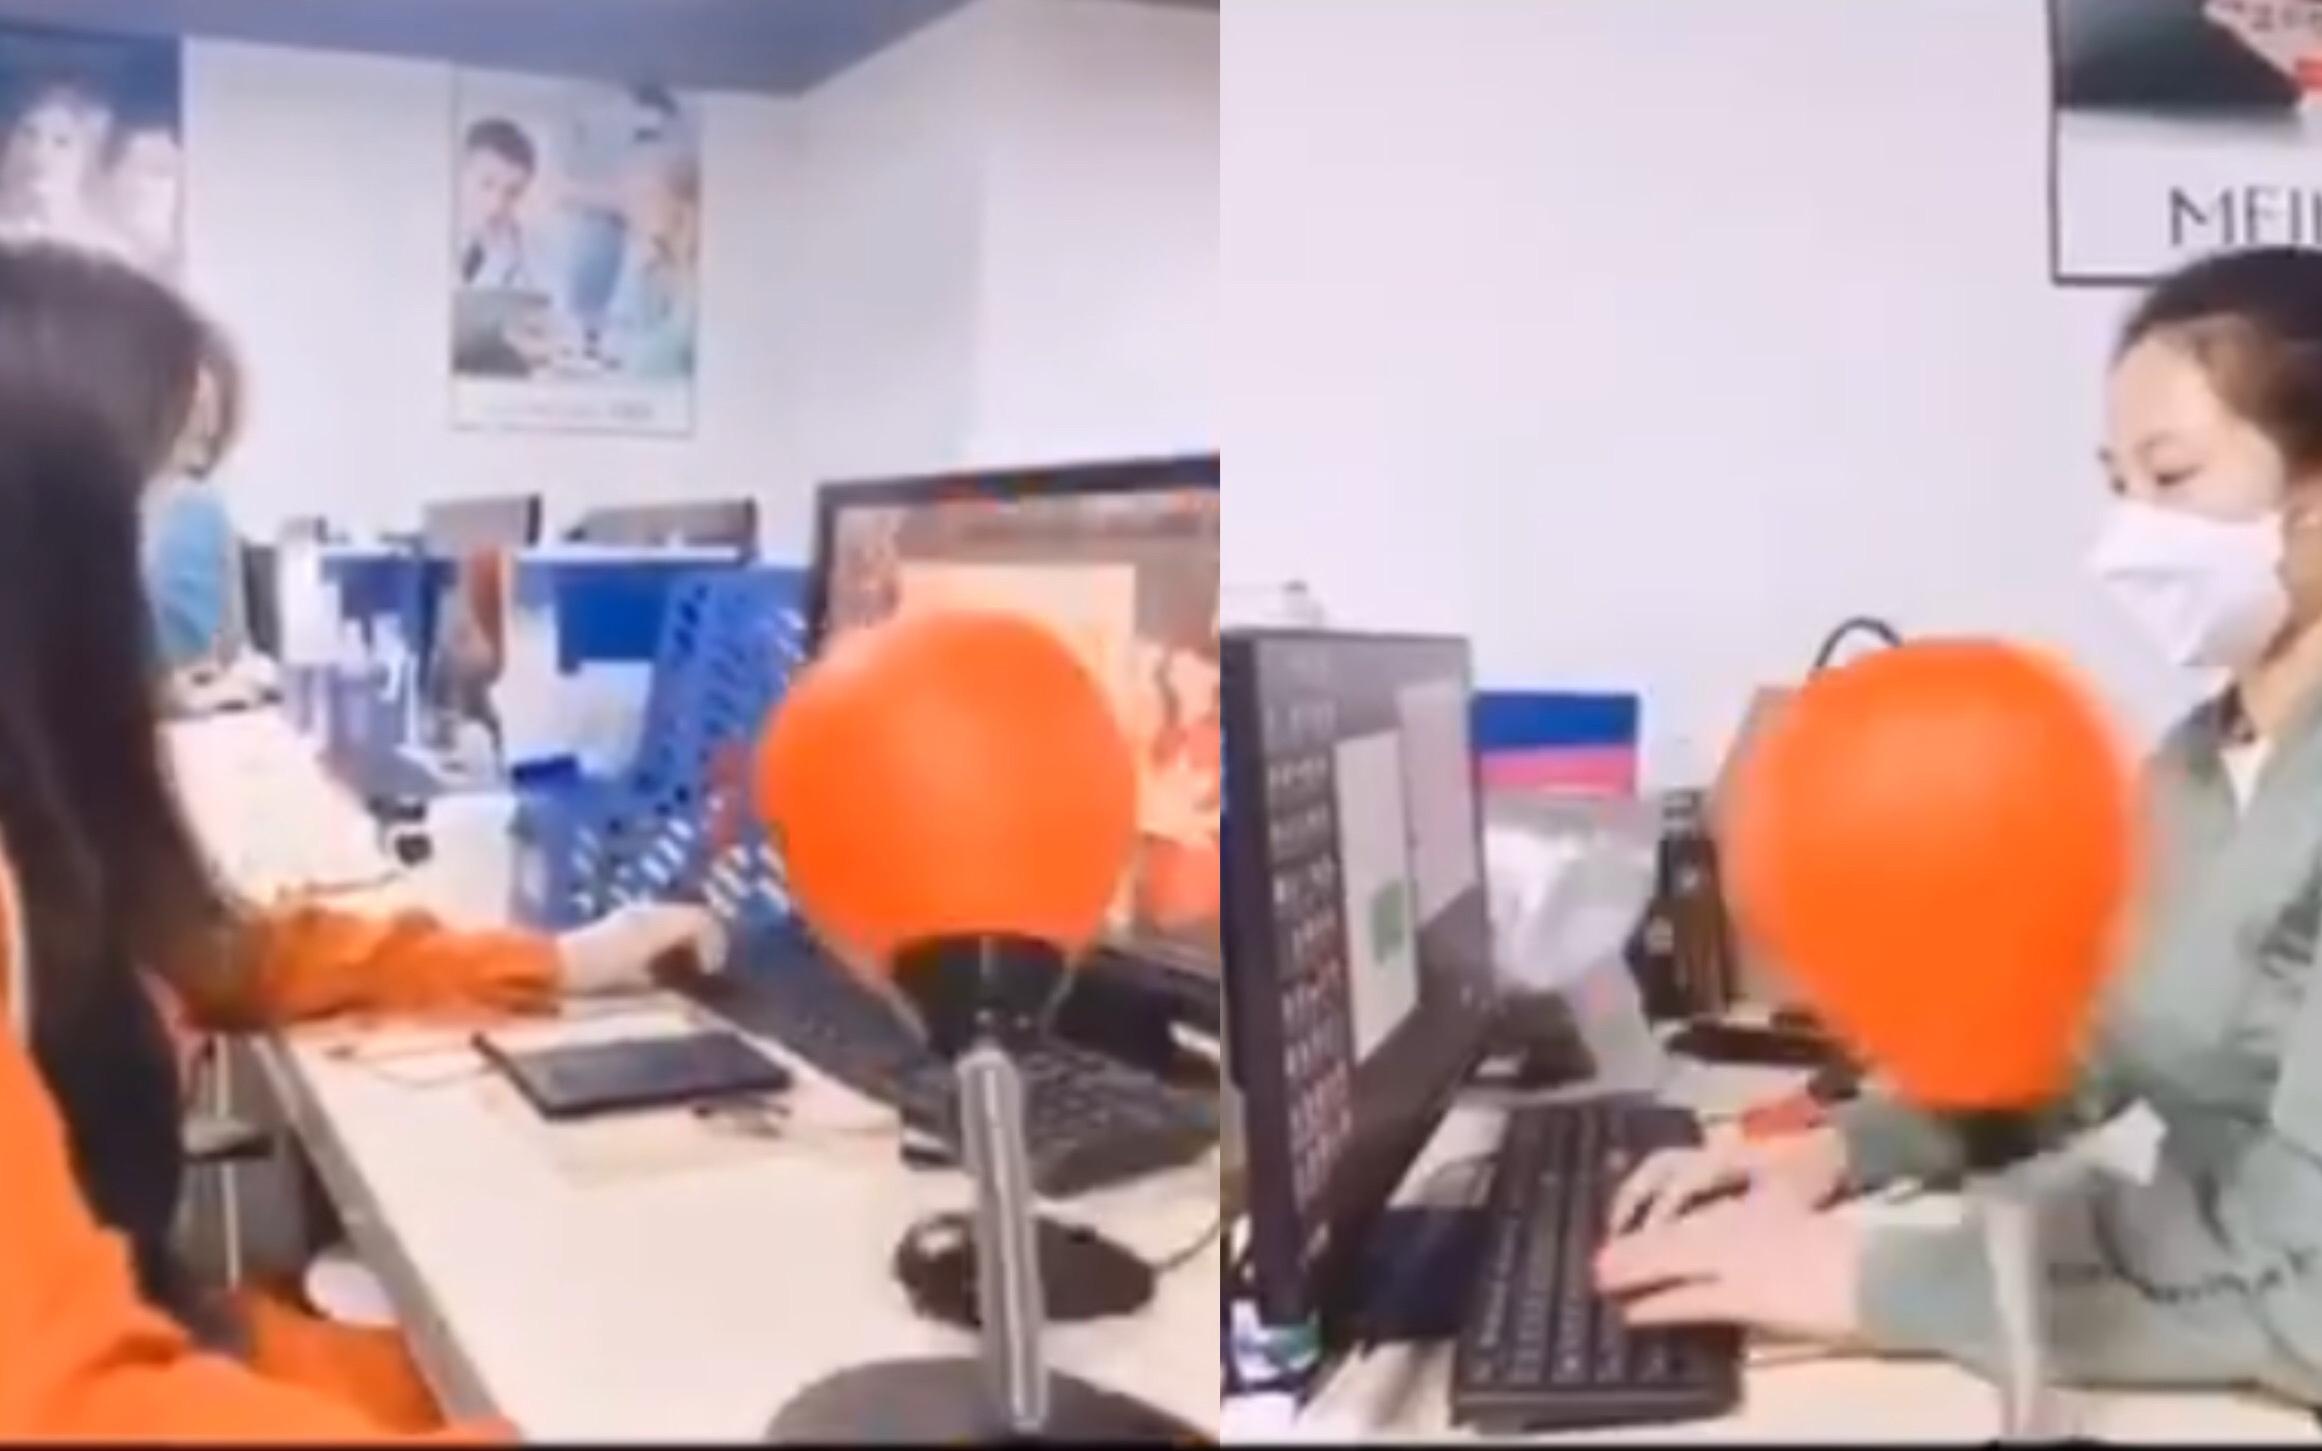 Dân mạng thích thú vì clip nhân viên tư vấn được trang bị bao đấm bốc trên bàn làm việc, xả stress chưa bao giờ dễ như thế!